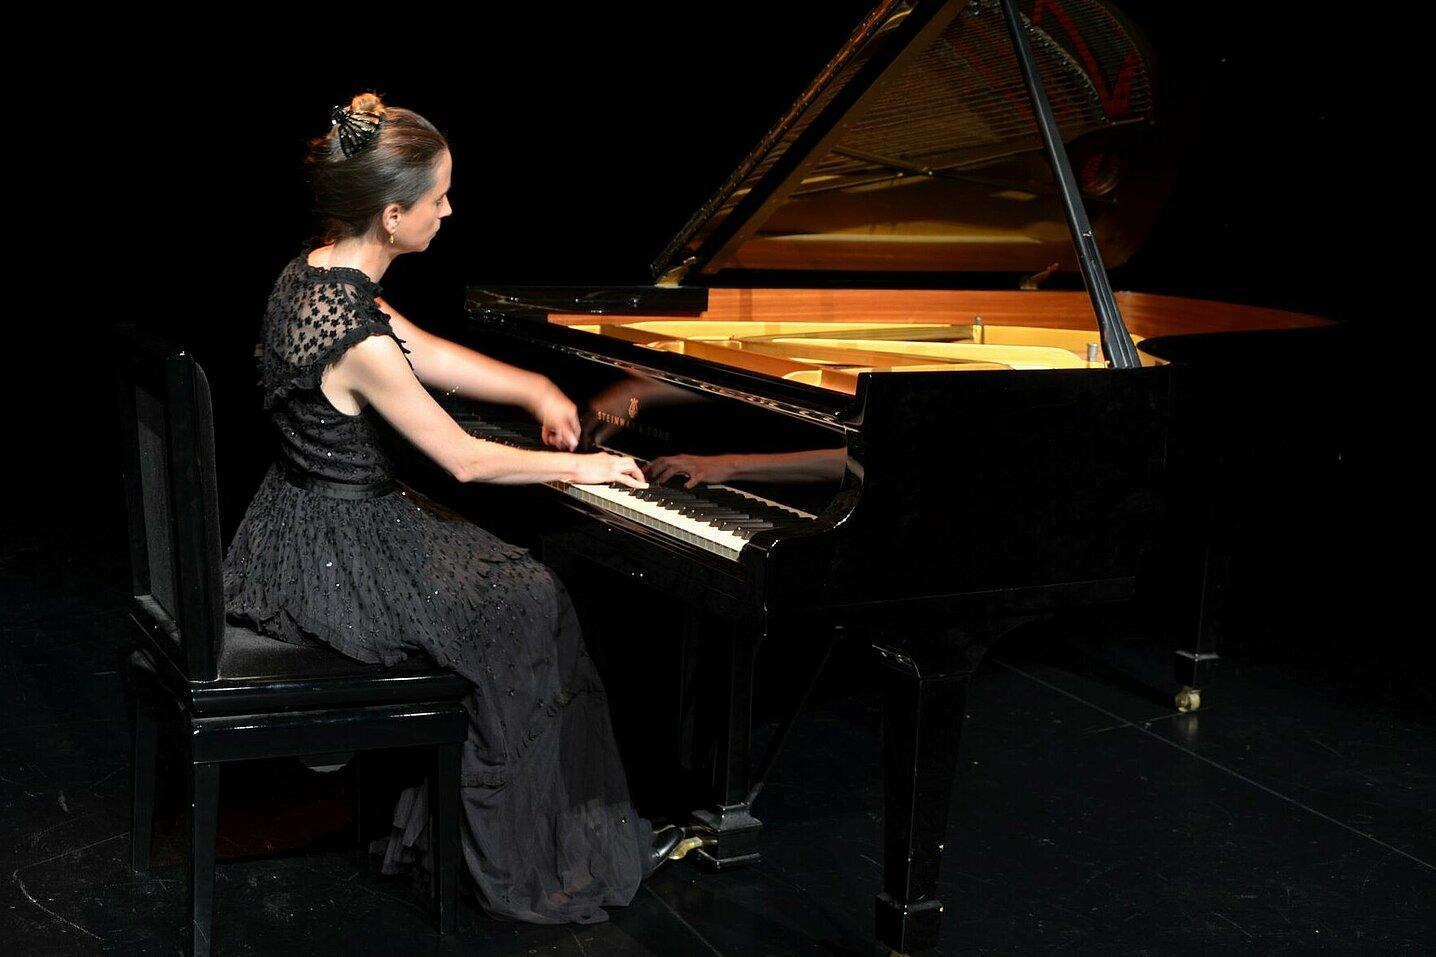 Marie-Christine Pasche joue du piano à queue